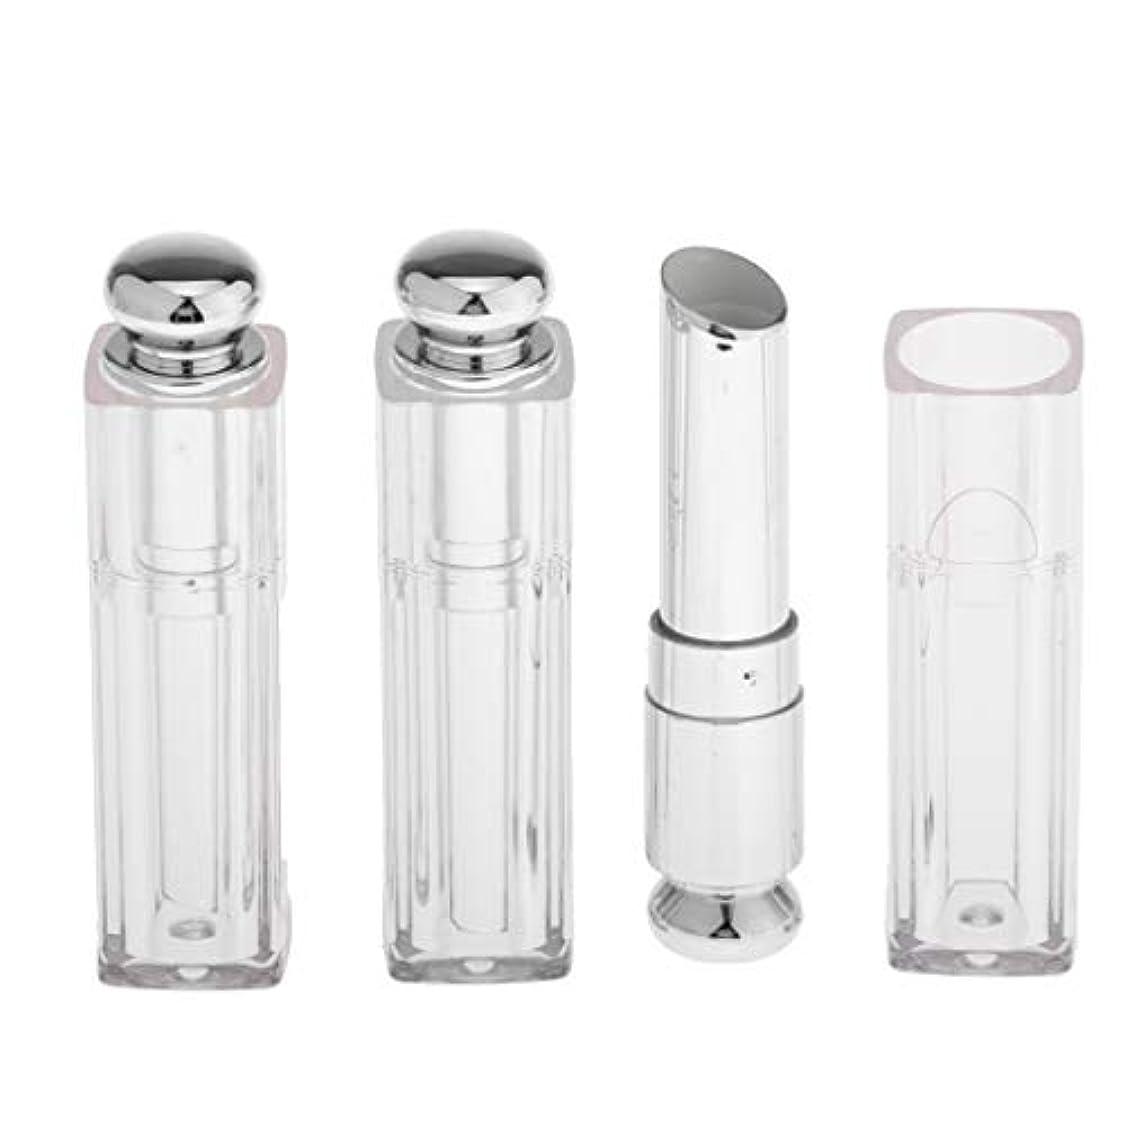 提供特徴づける望まない口紅容器 リップクリーム チューブ リップバームチューブ 11.1mm 手作り コスメ 用品 3個 全3色 - 銀